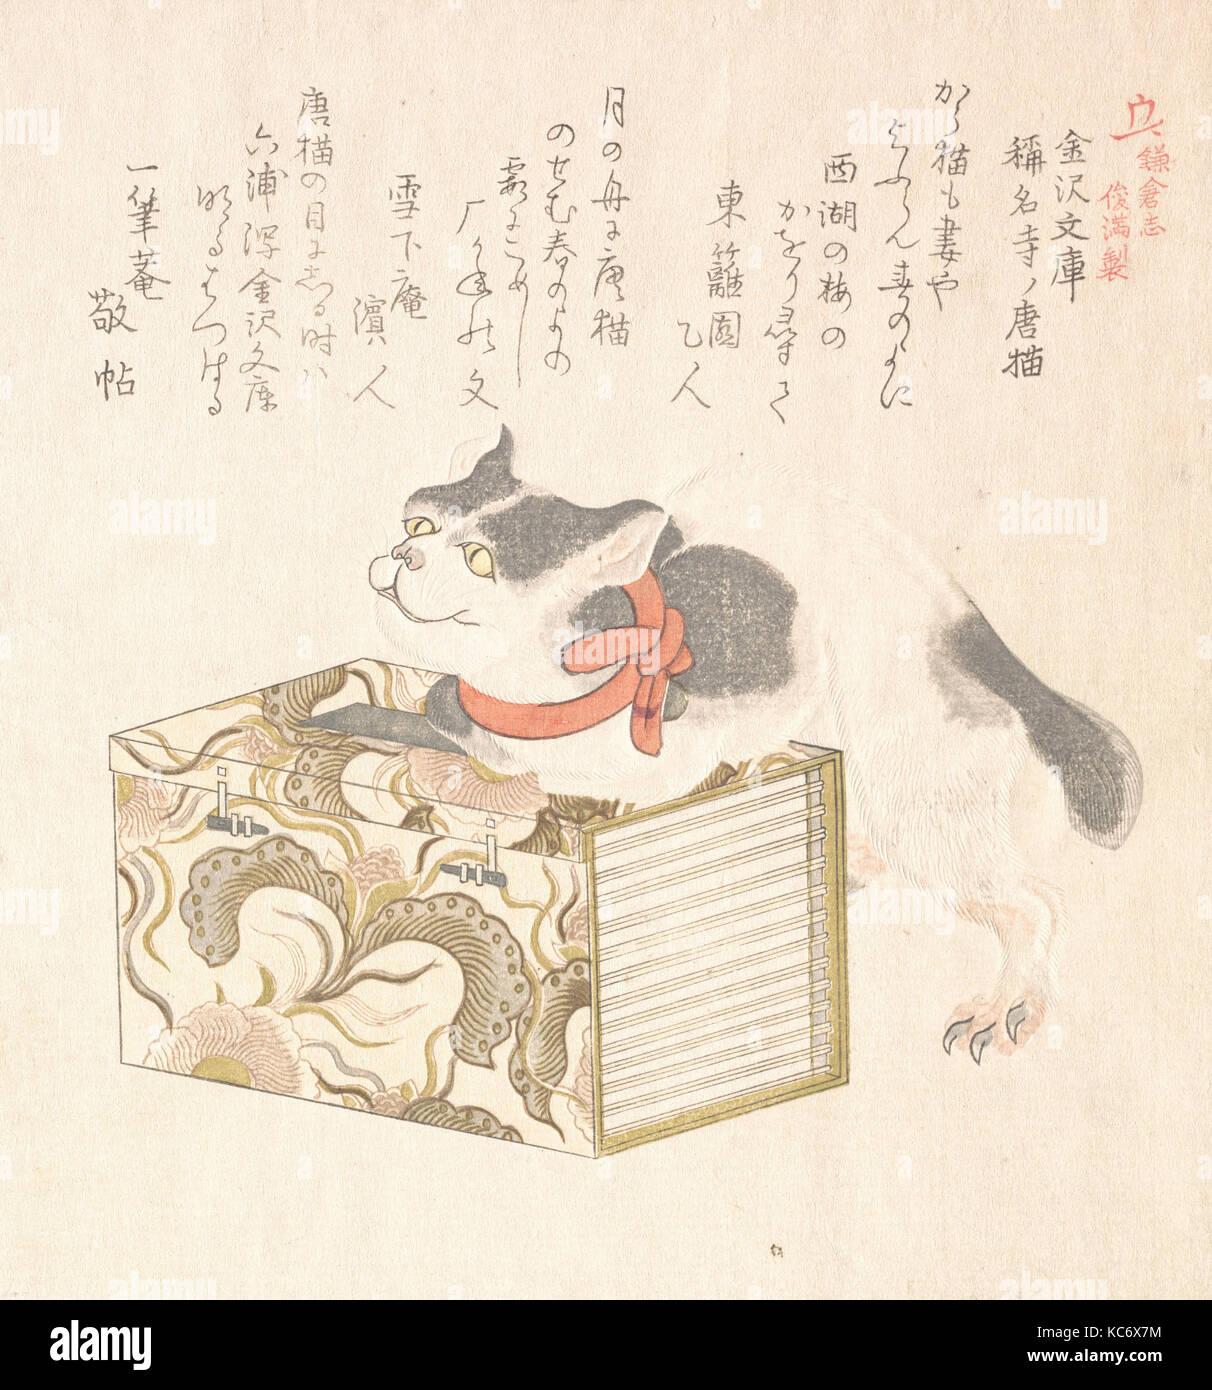 images Bunko Kanazawa